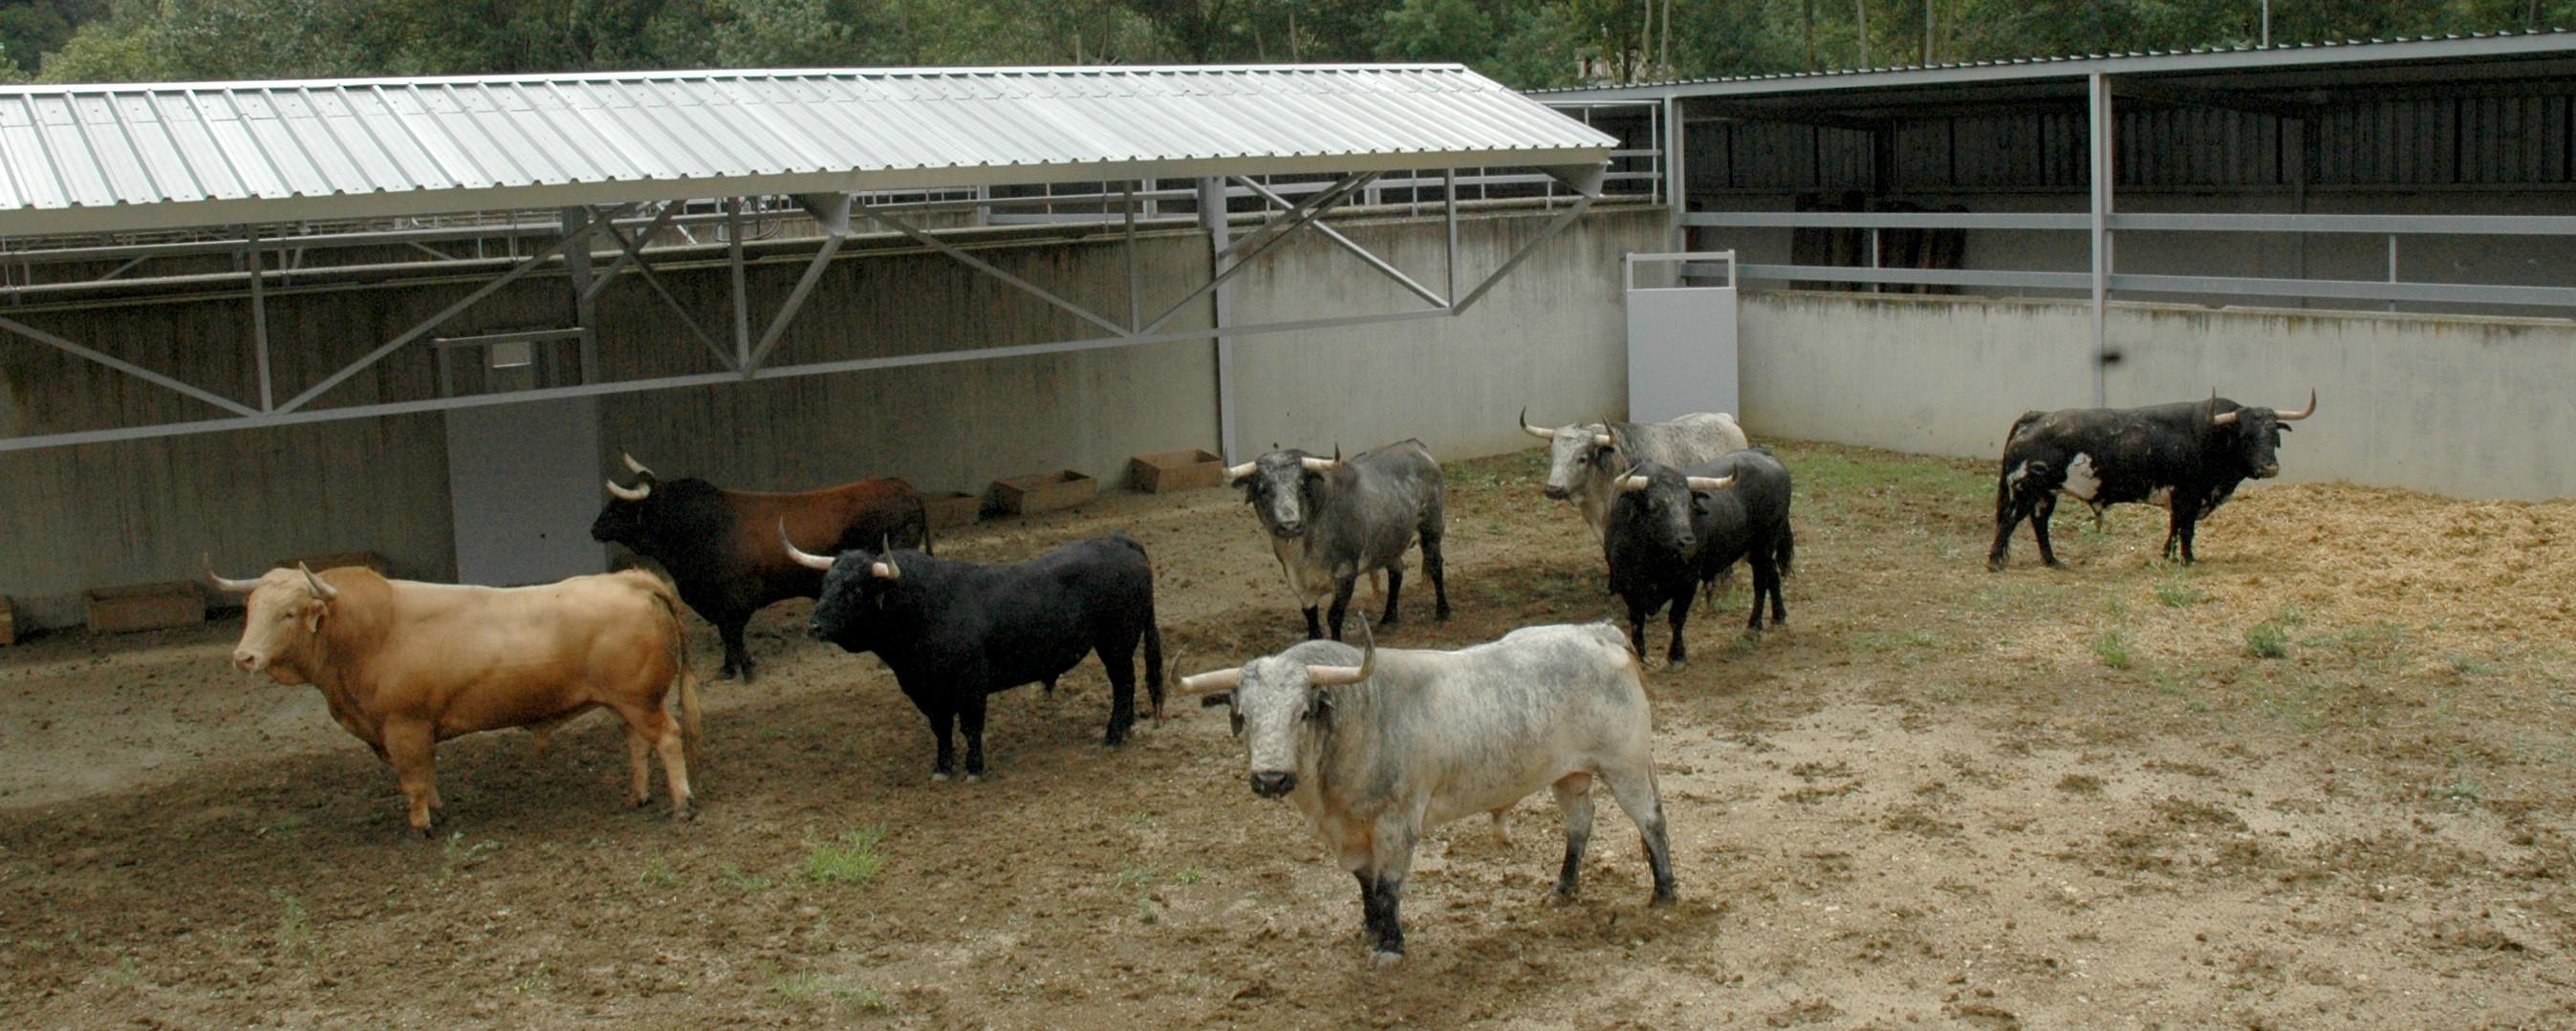 Toros de Cebada Gago en los corrales del Gas. De izquierda a derecha: uno melocotón, un castaño, otro negro, un cárdeno claro casi ensabanado, otro cárdeno entrepelado, un cárdeno oscuro, otro cárdeno claro y uno negro bragado.